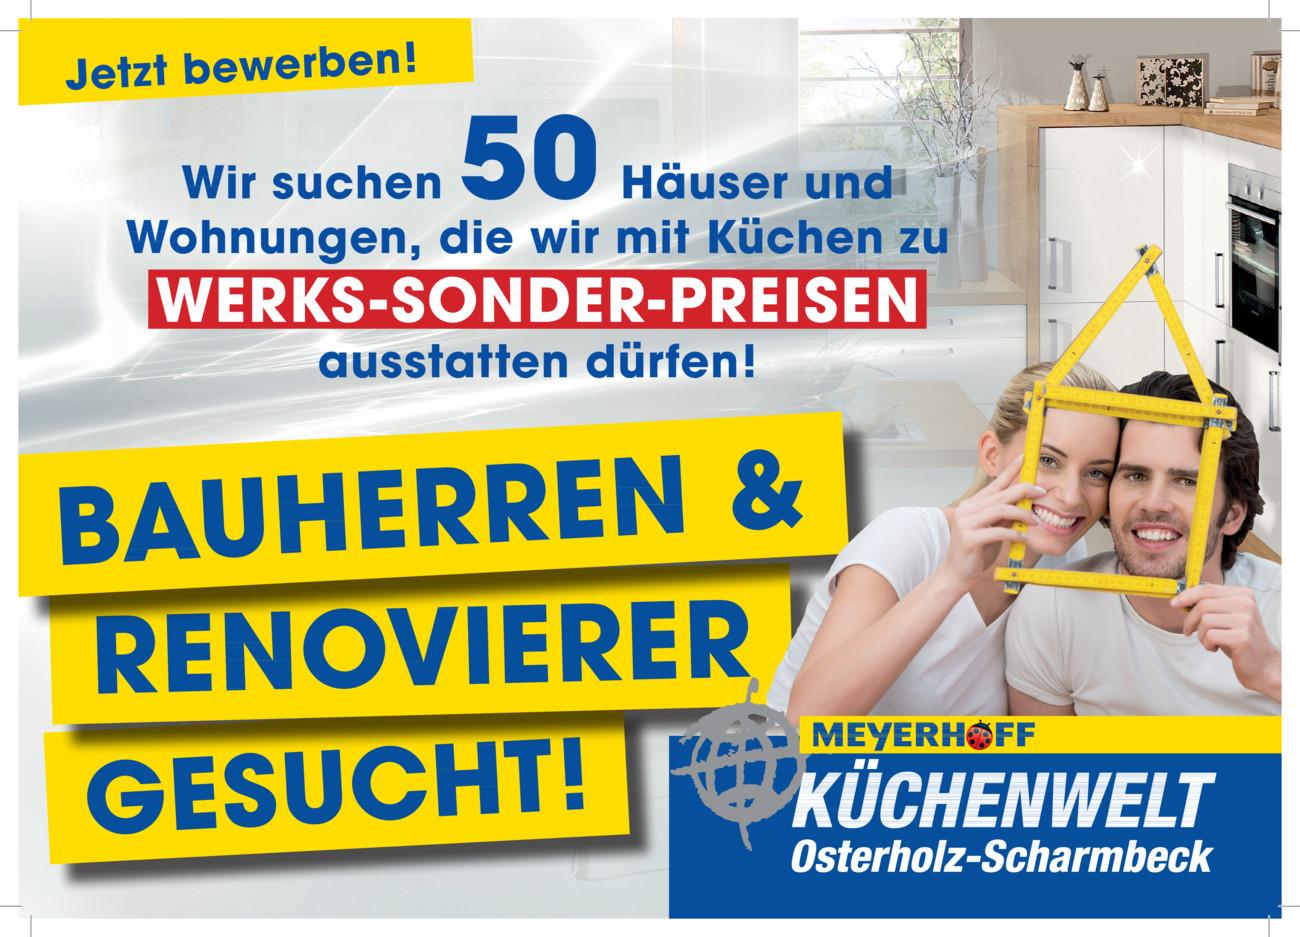 Meyerhoff Küchen vom Donnerstag, 04.04.2019